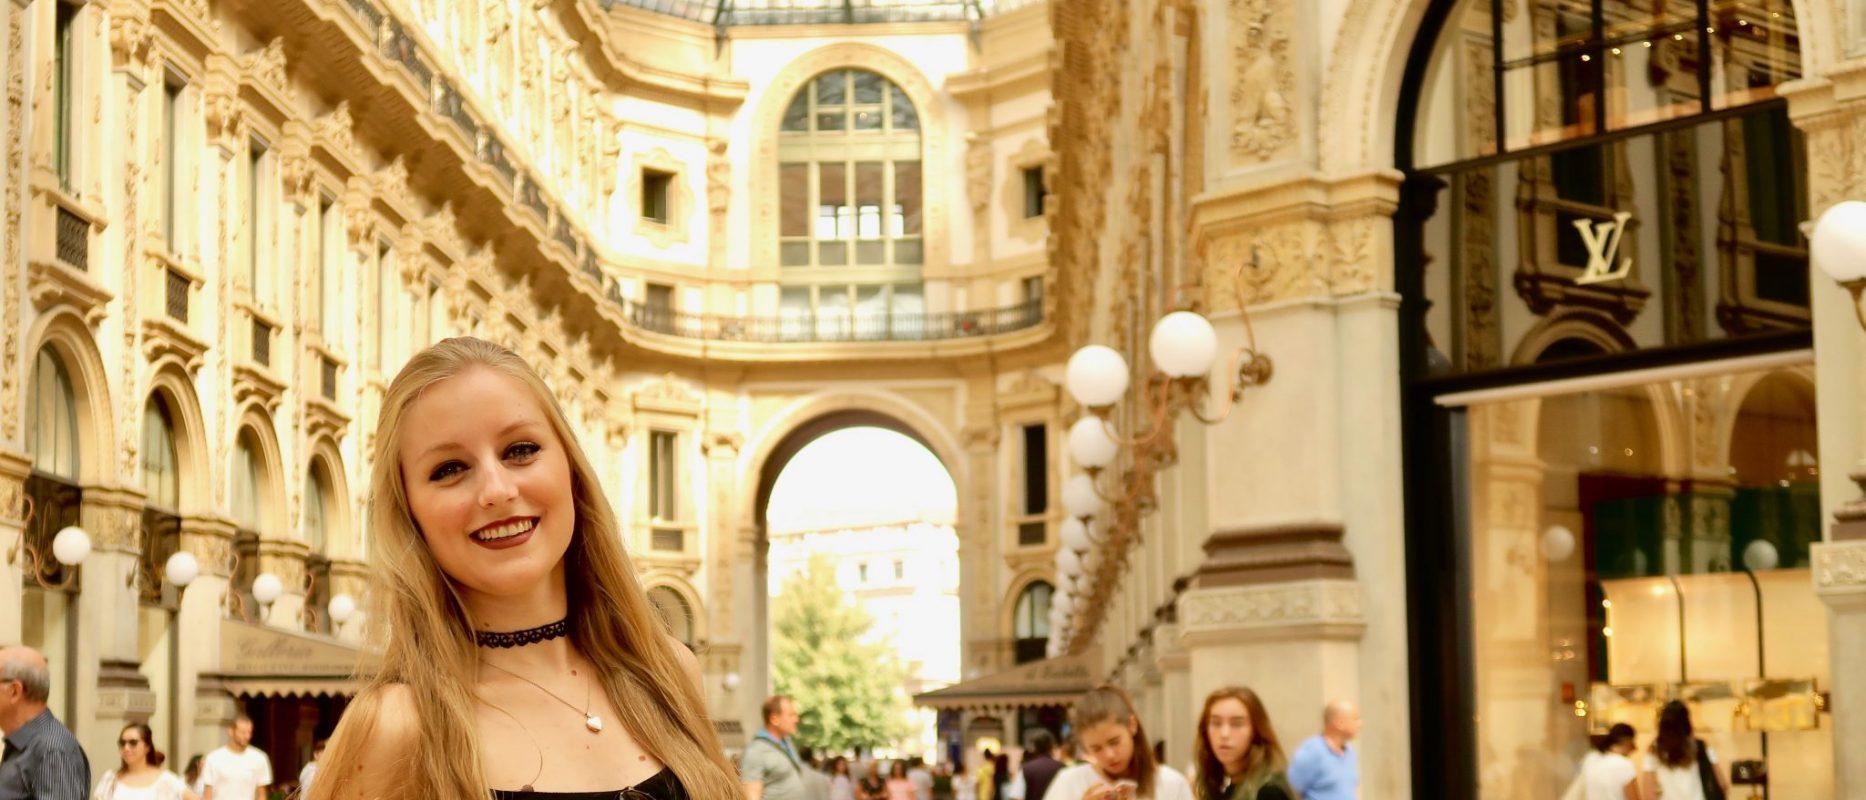 Mailand: Galleria Vittorio Emanuele II (hier befinden sich nur Luxusgeschäfte, bring genügend Geld zum Shoppen mit :P )